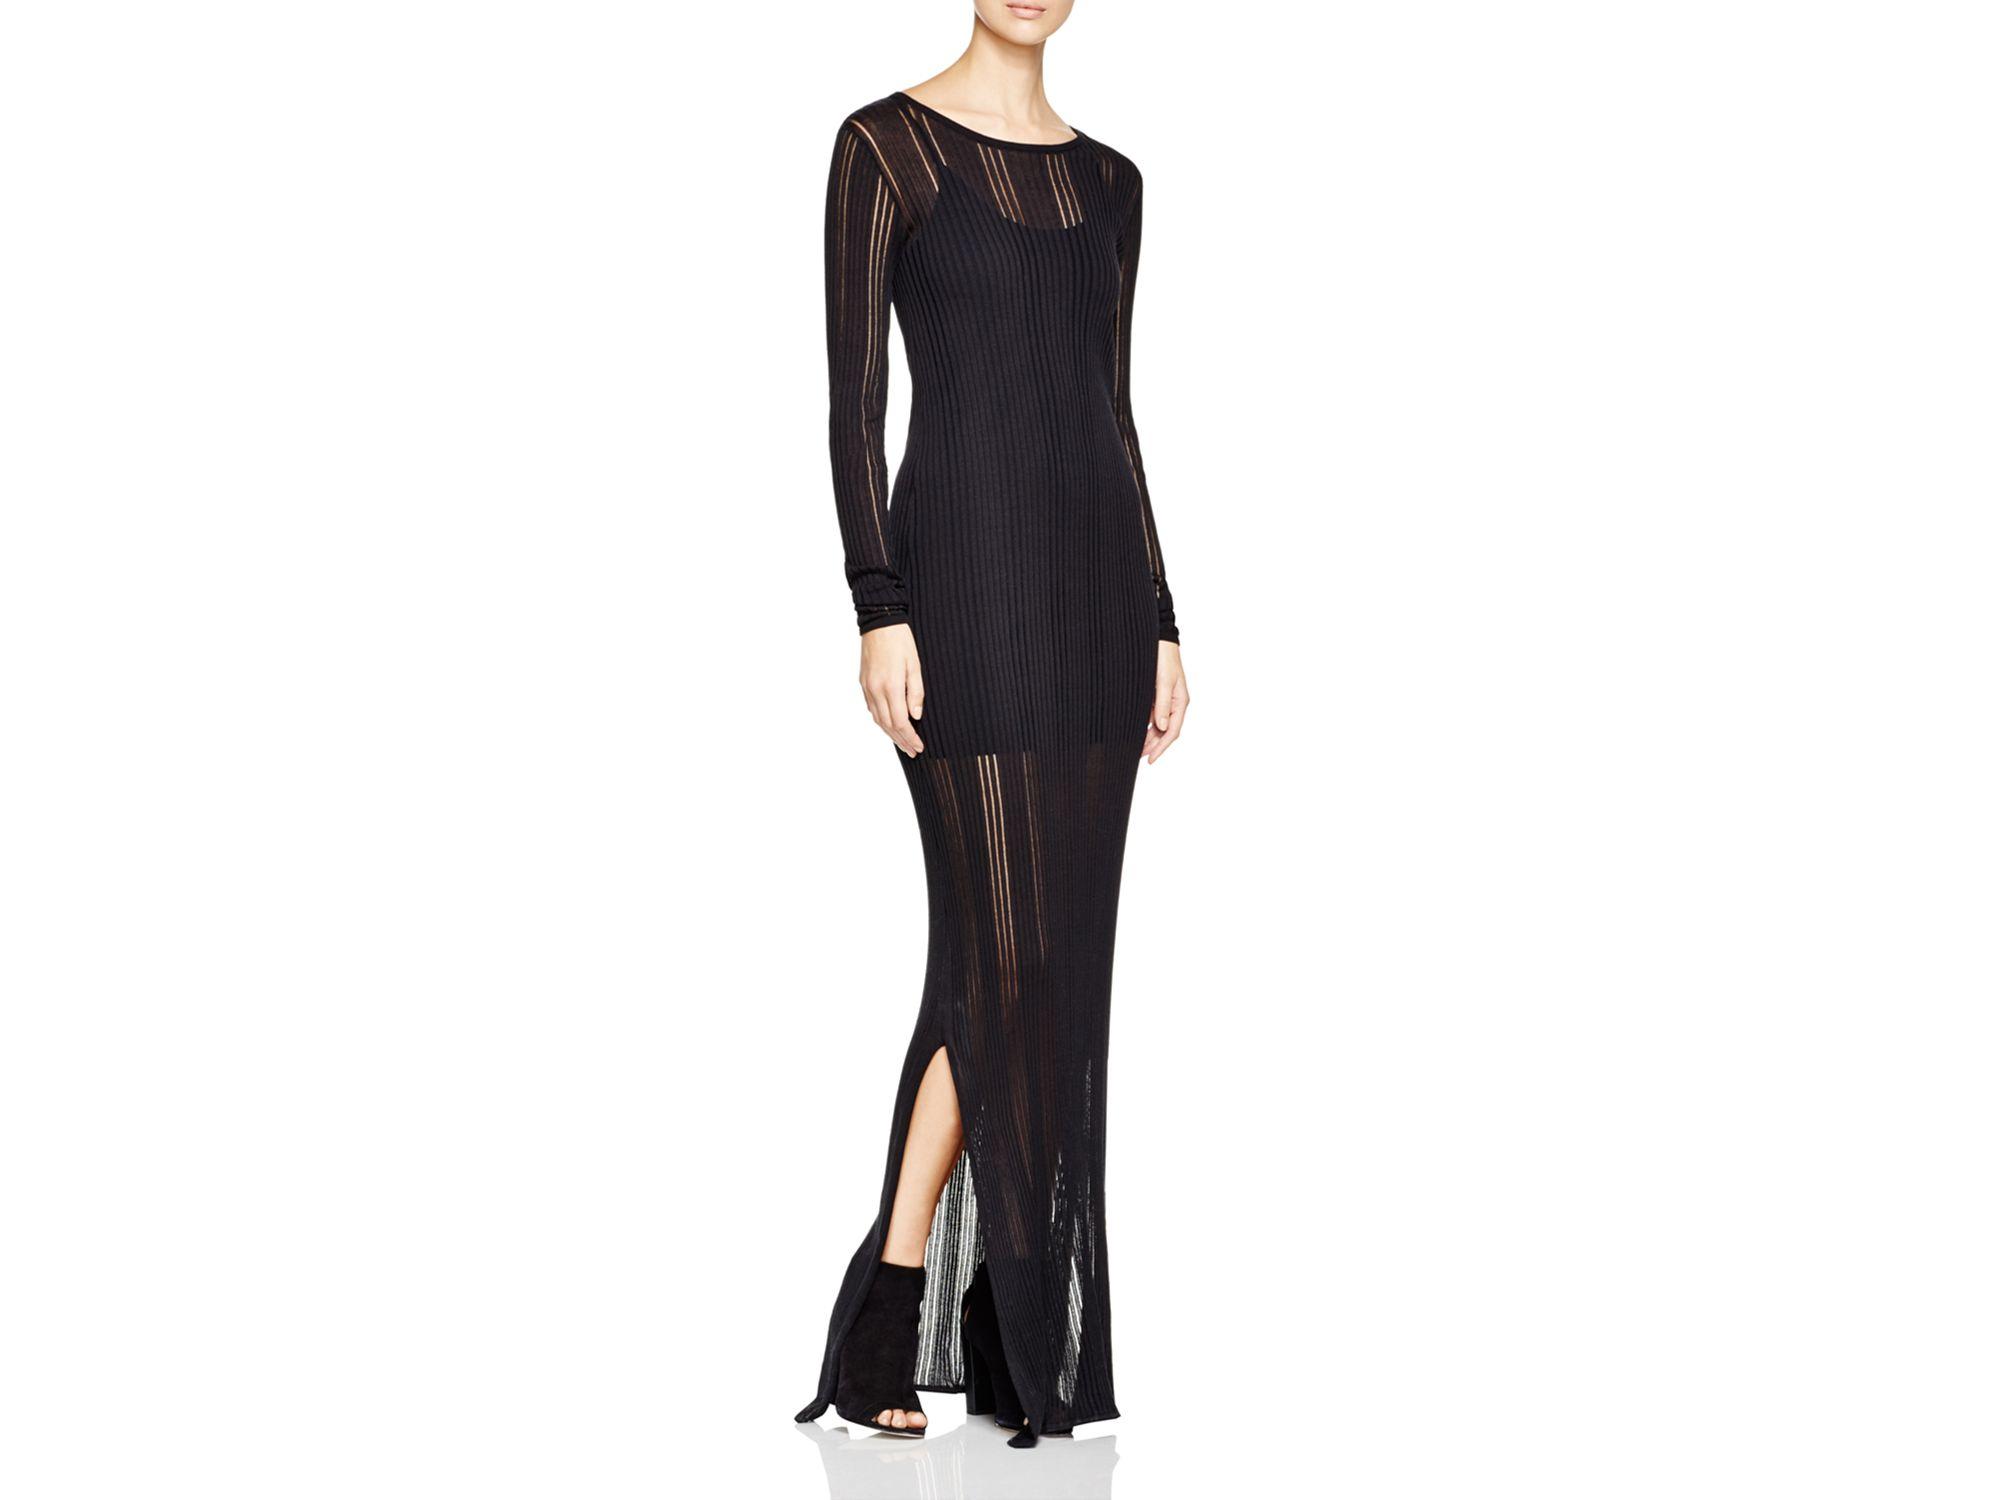 4bd1b1d88da Lyst - DKNY Sheer Rib Knit Maxi Dress in Black